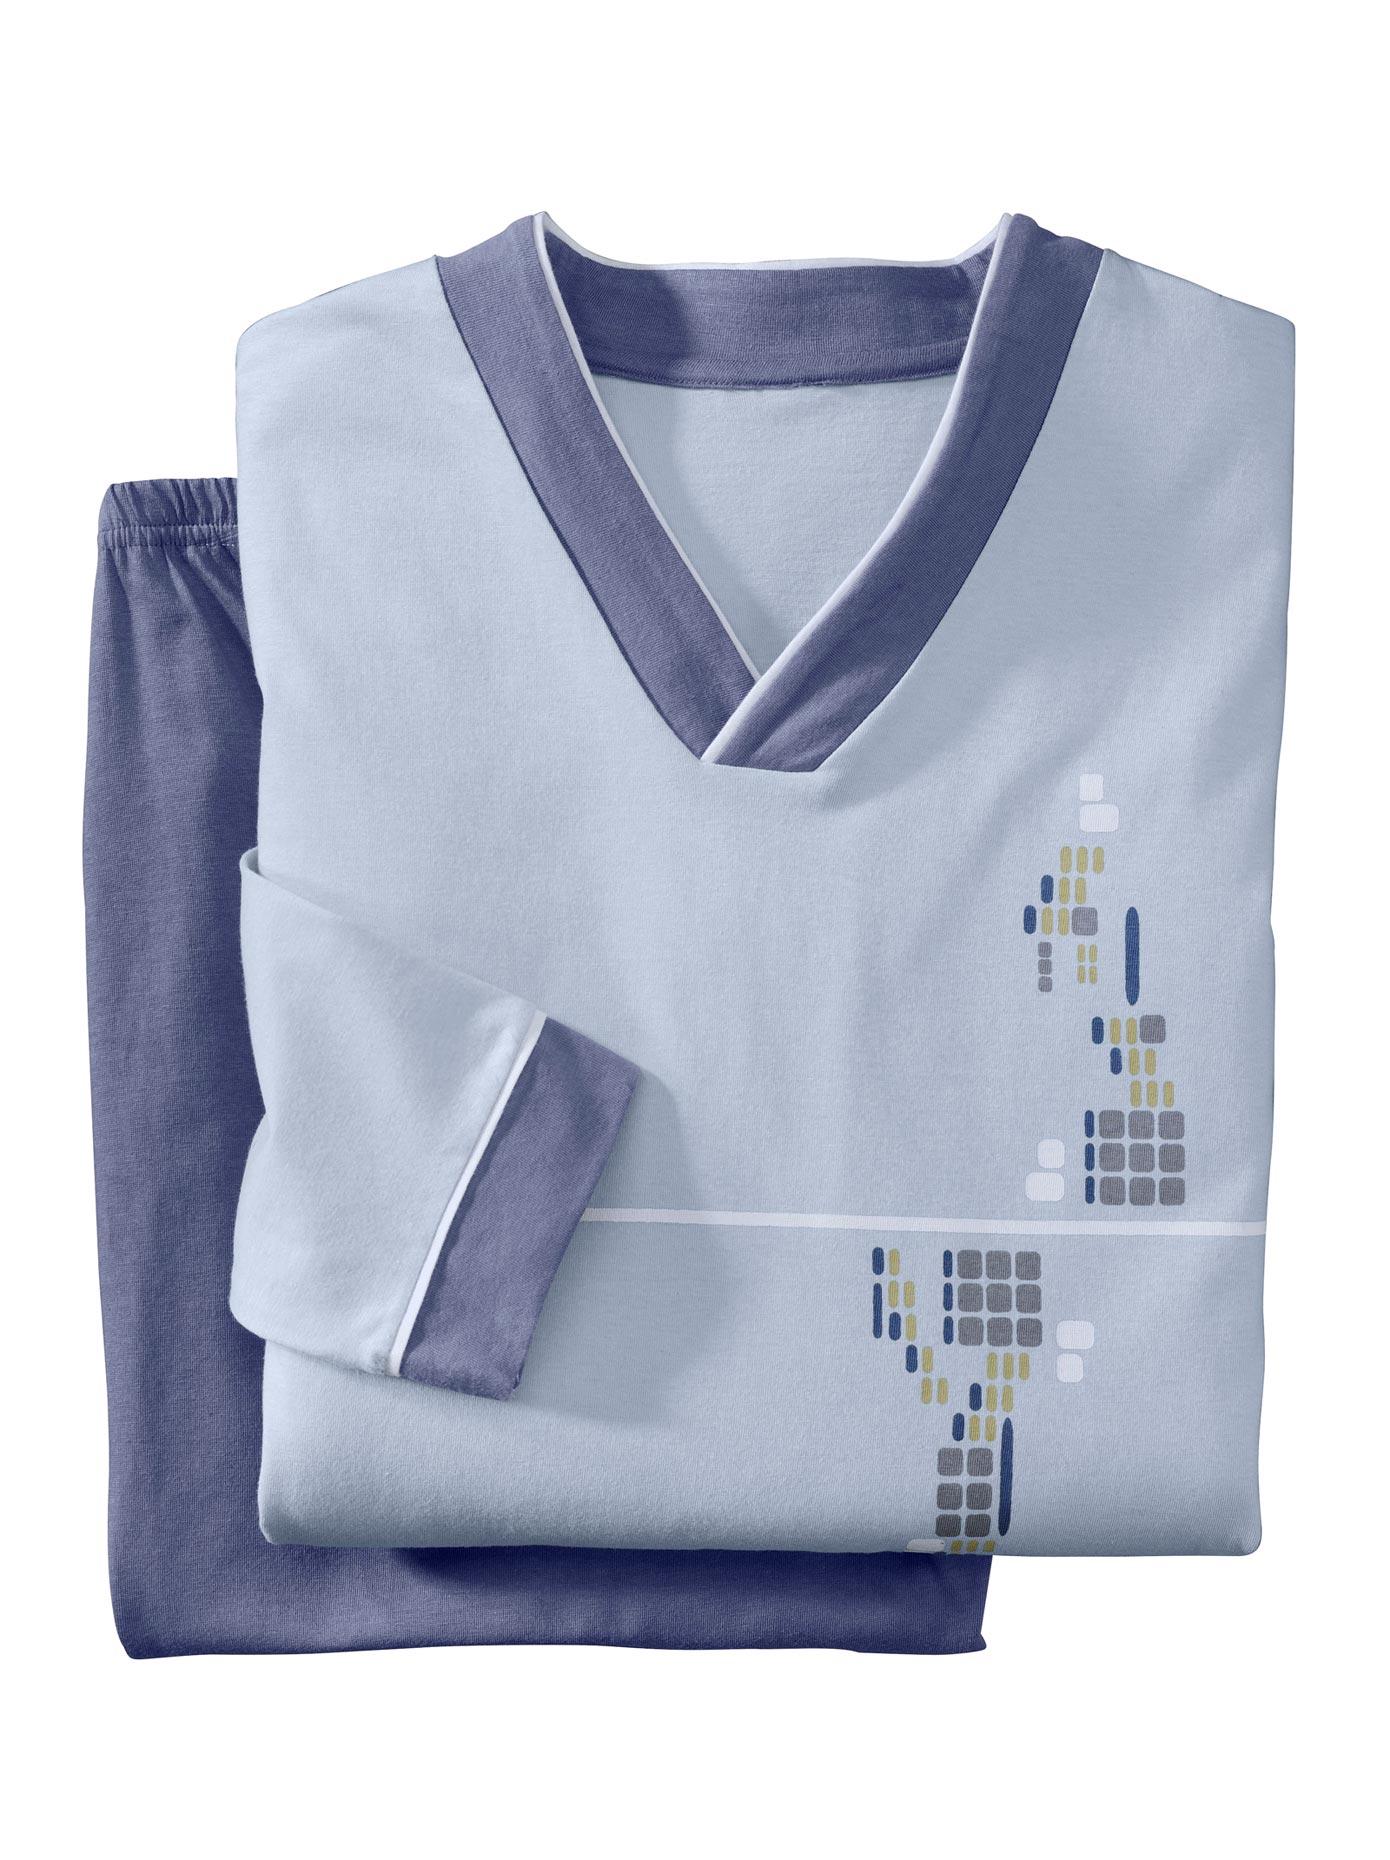 Schlafanzüge TopTen (2 Stck)   Bekleidung > Wäsche   Blau   Baumwolle   Topten